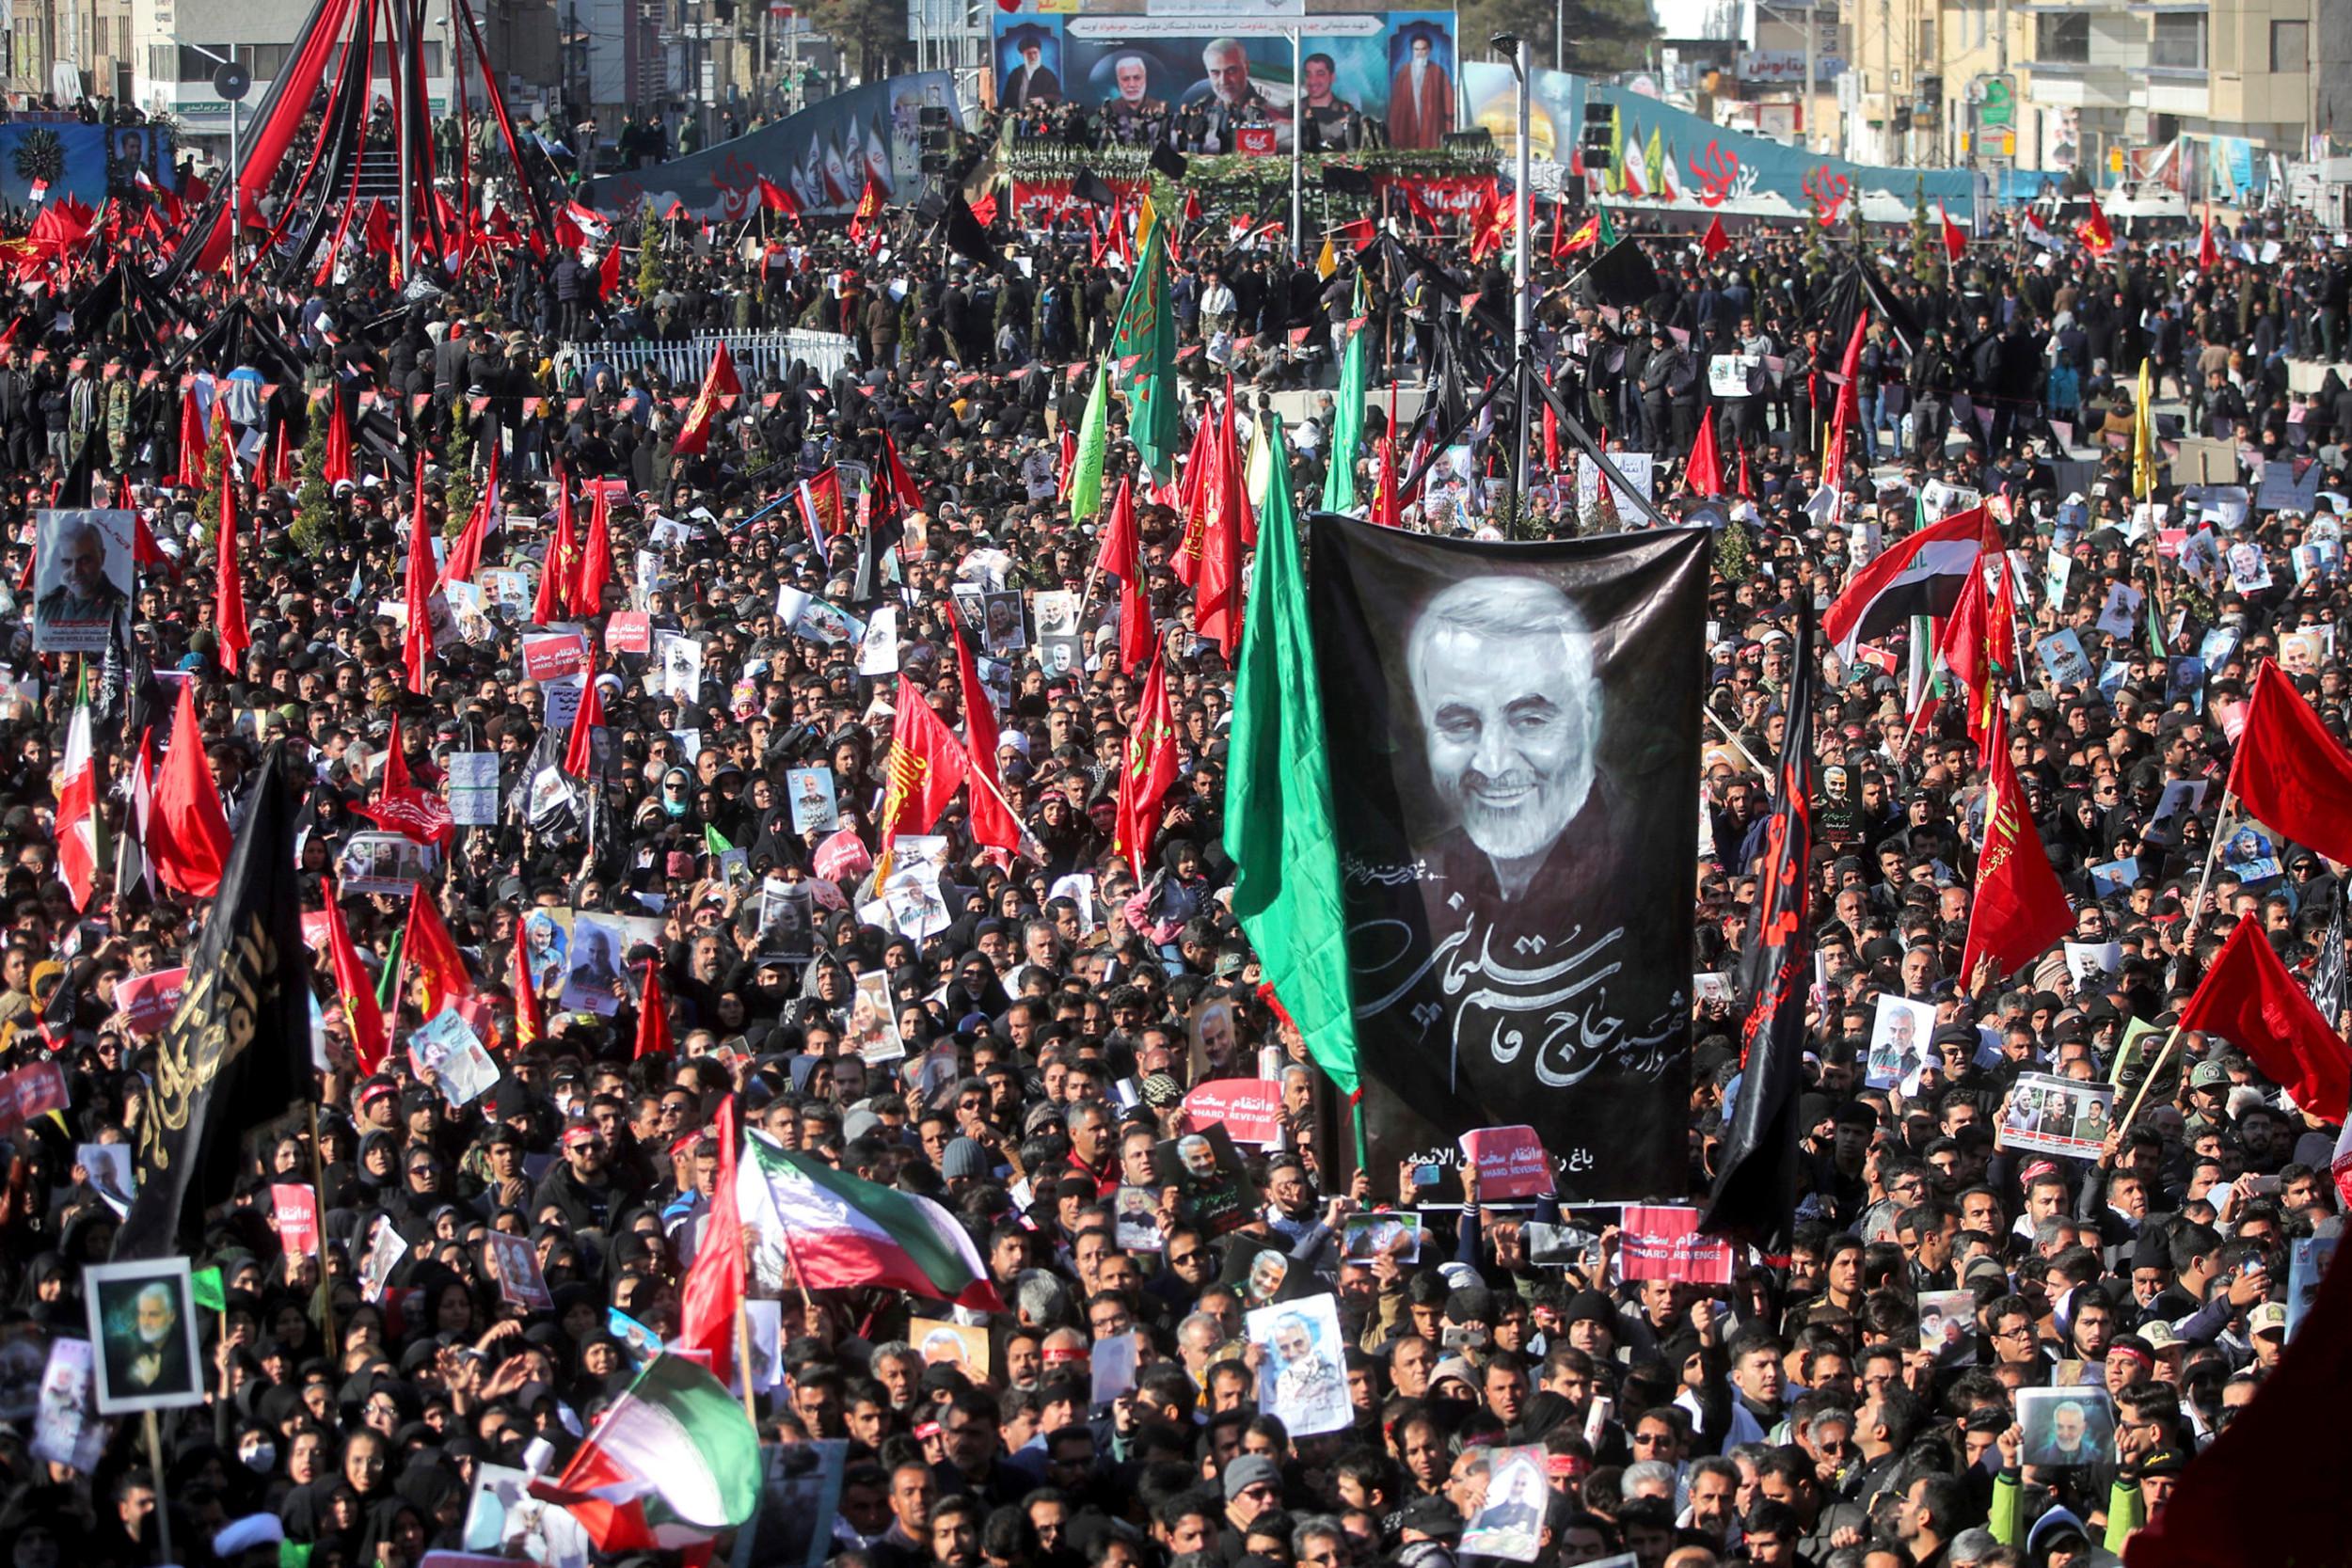 Ožalošćeni nose iranske zastave i slike ubijenog Solejmanija tokom sahrane u Kermanu, 07. januar 2020. (Foto: Erfan Kouchari/Tasnim News Agency via AP)